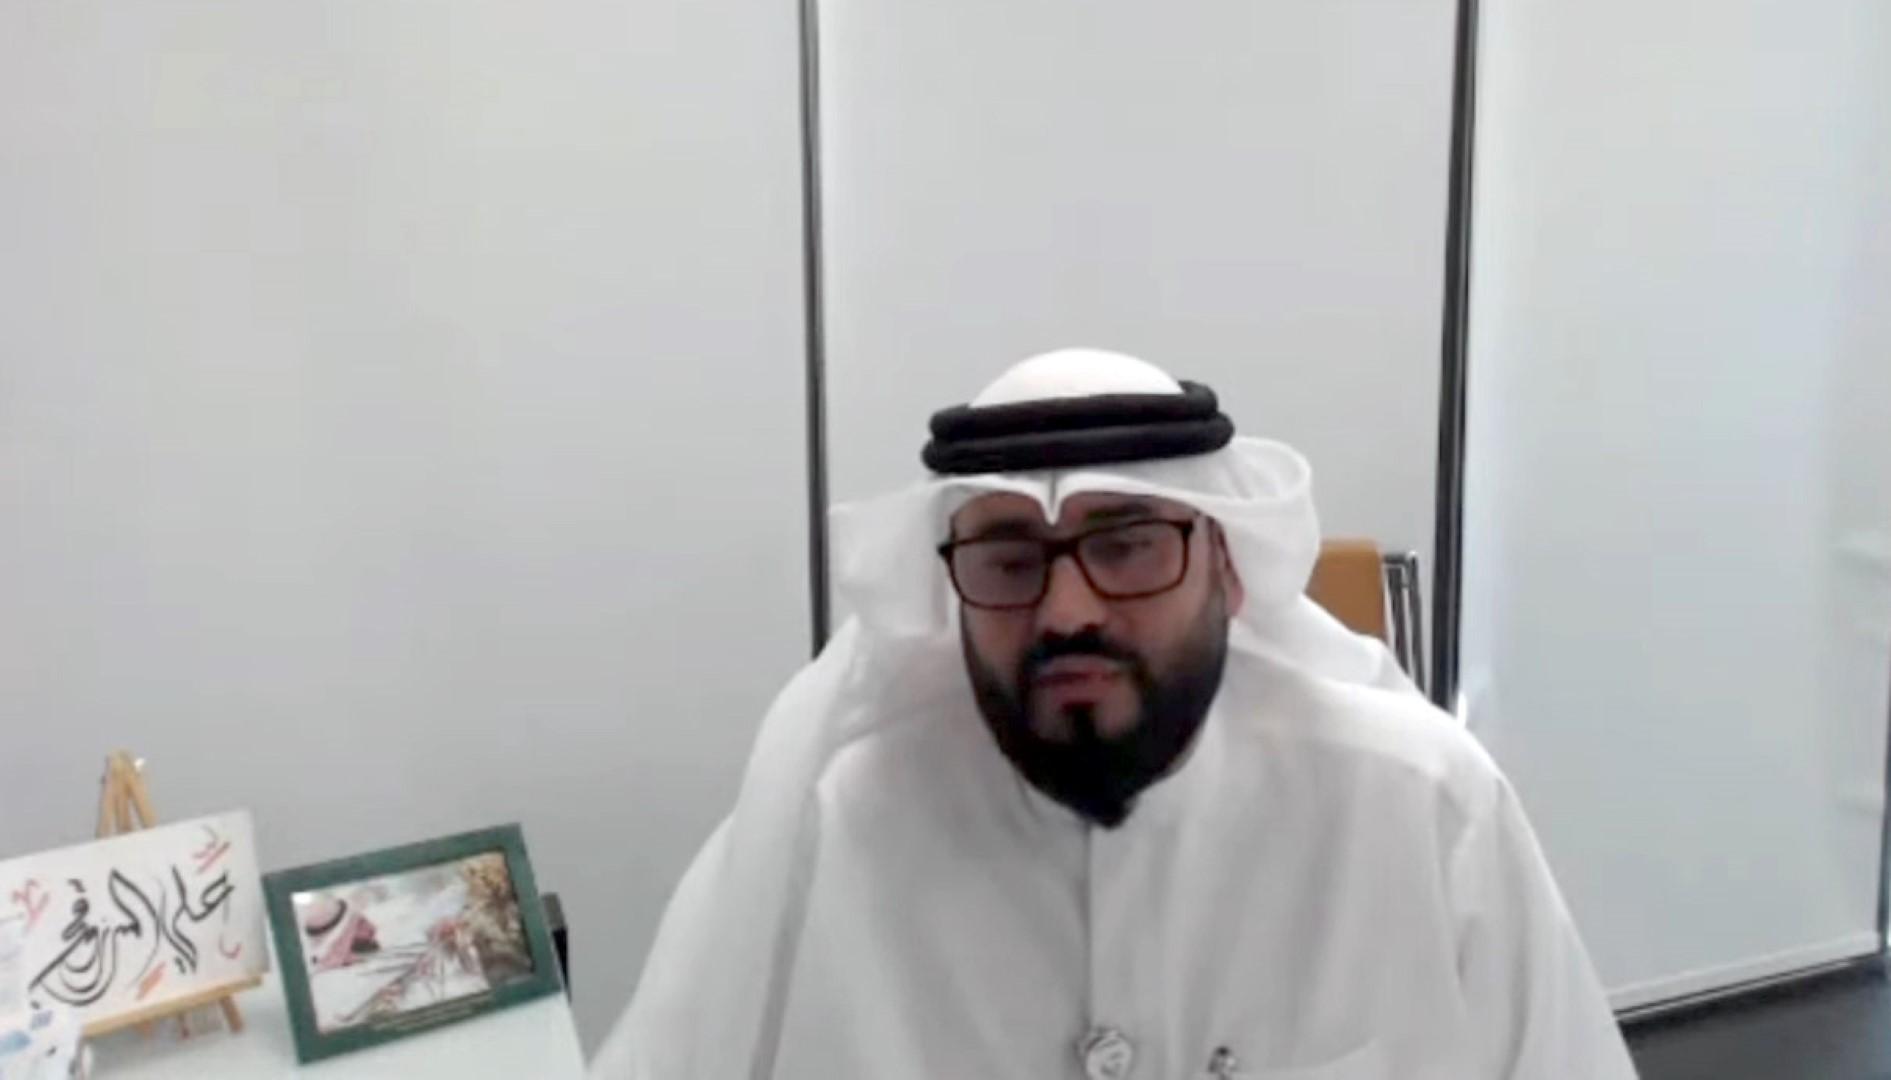 اختتام أعمال الملتقى السعودي الإماراتي للتدريب التقني والمهني